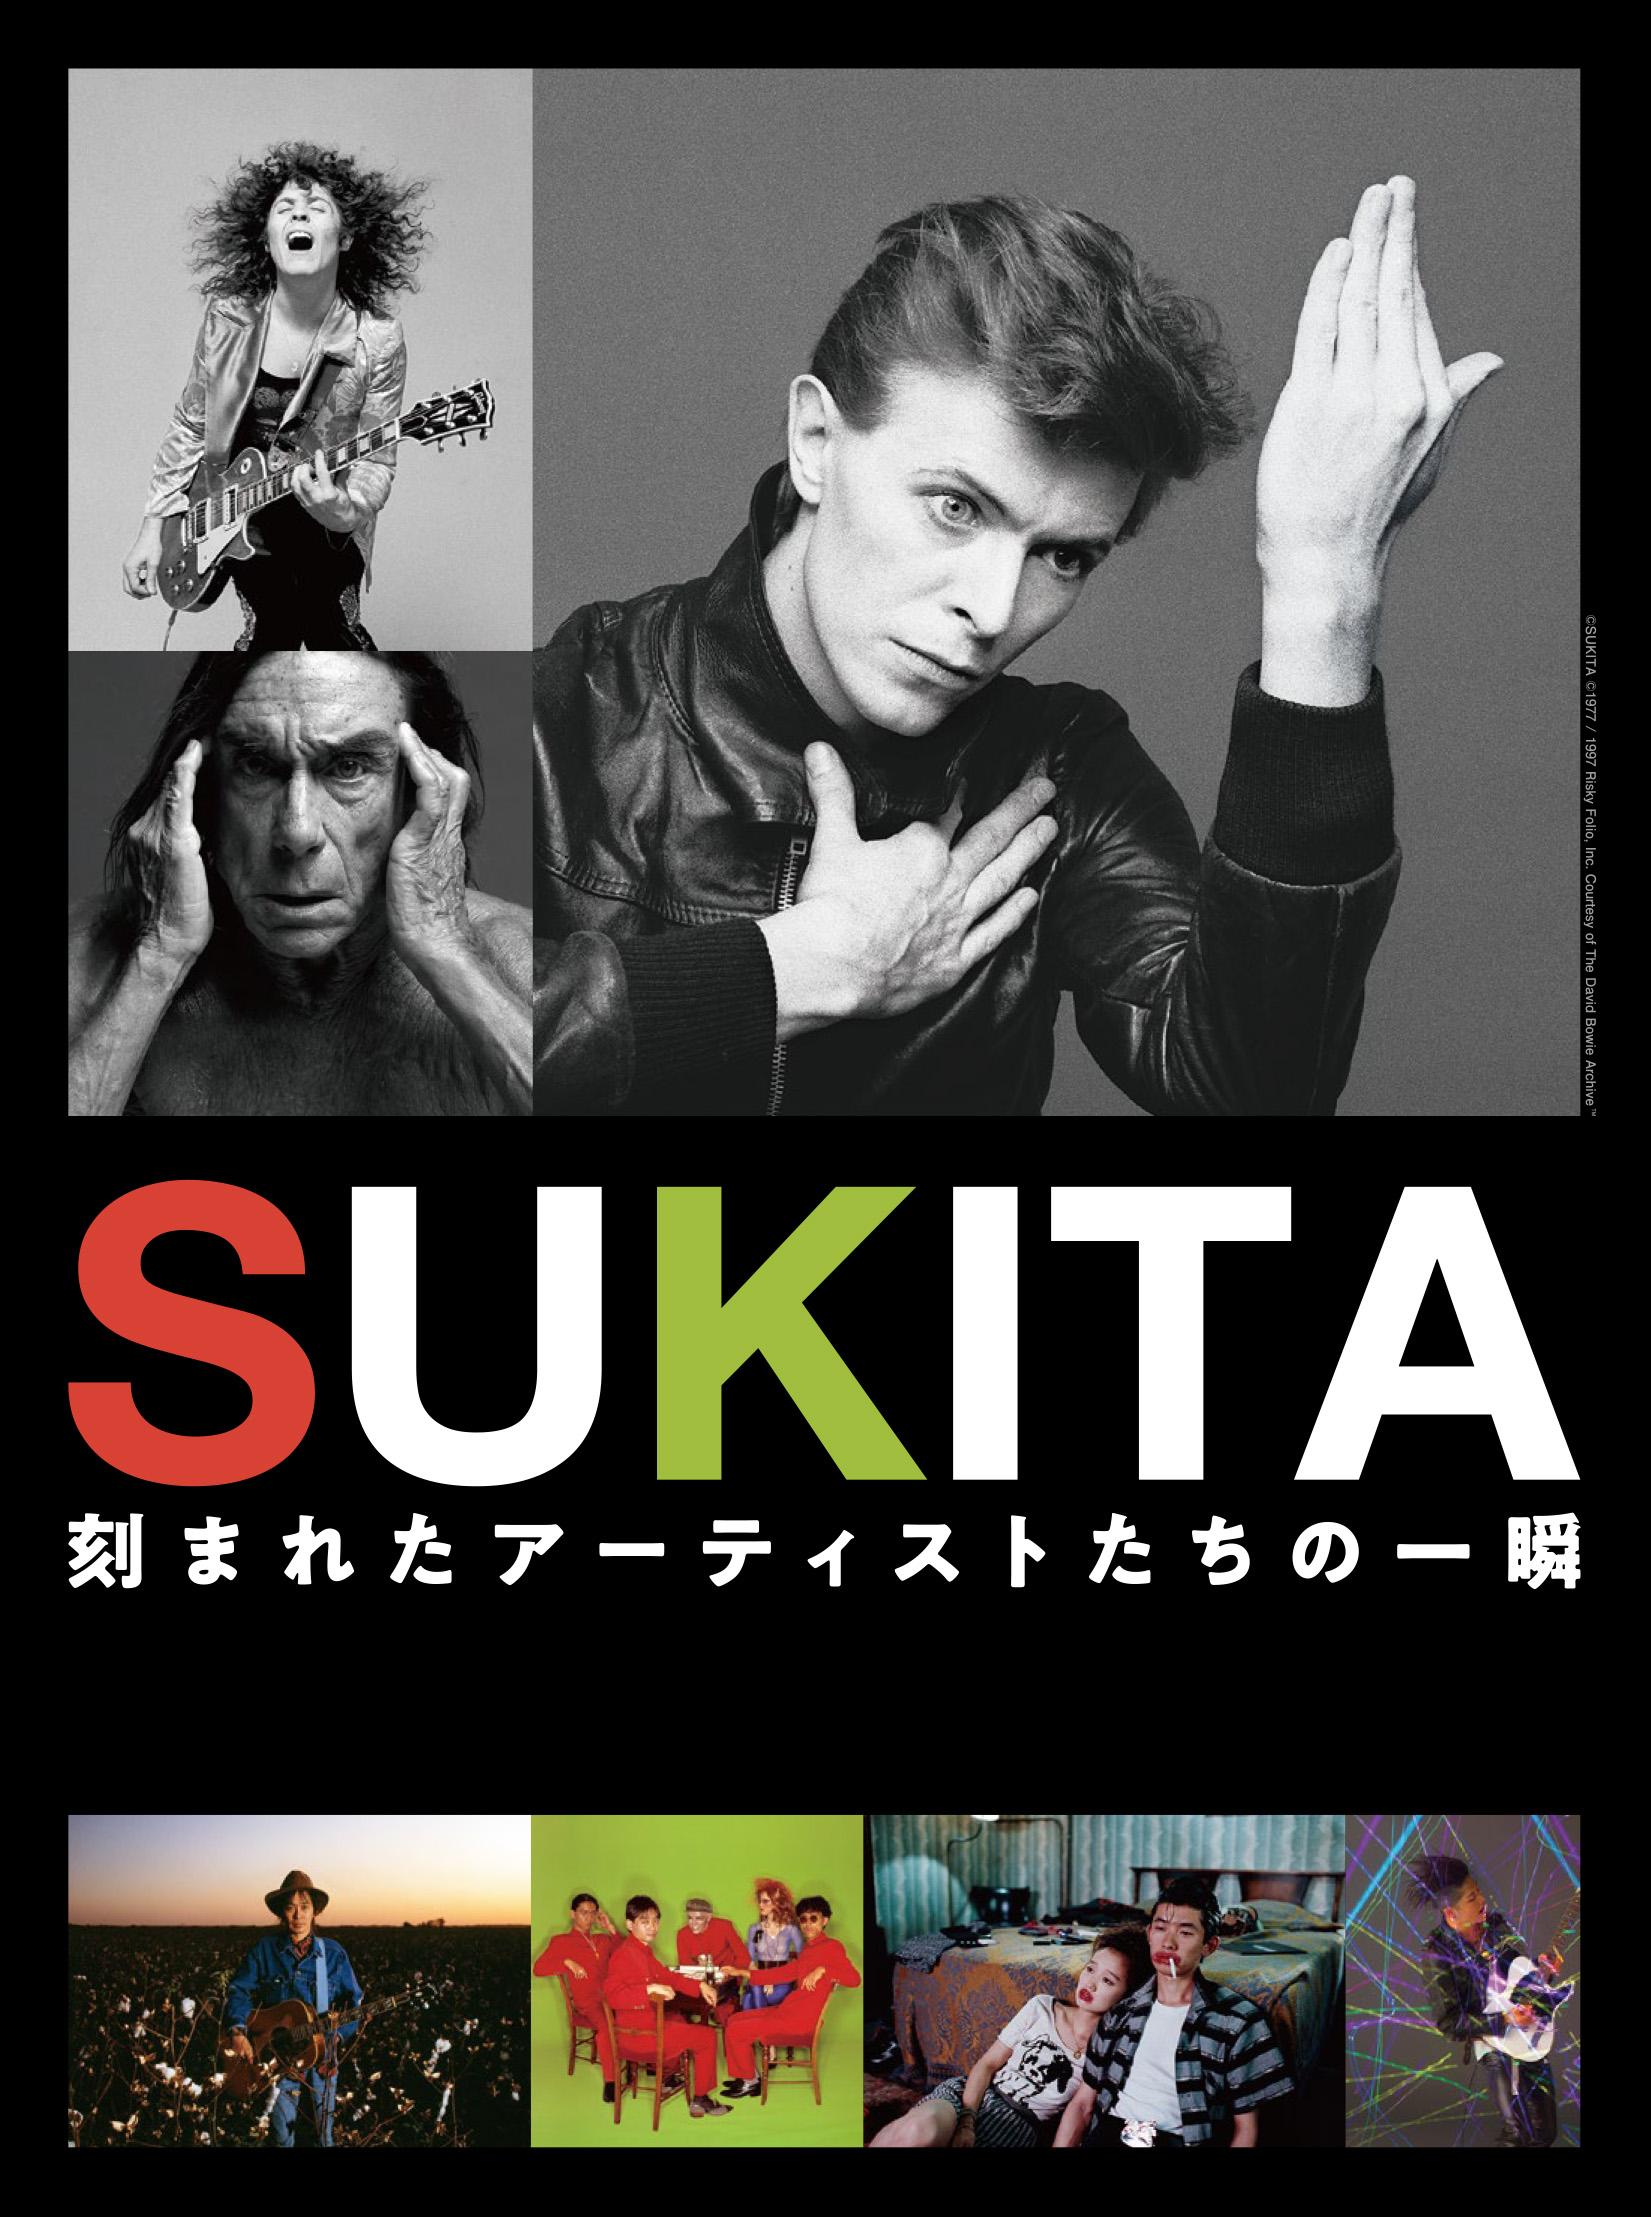 鋤田正義,SUKITA,DVD,SUKITA 刻まれたアーティストたちの一瞬